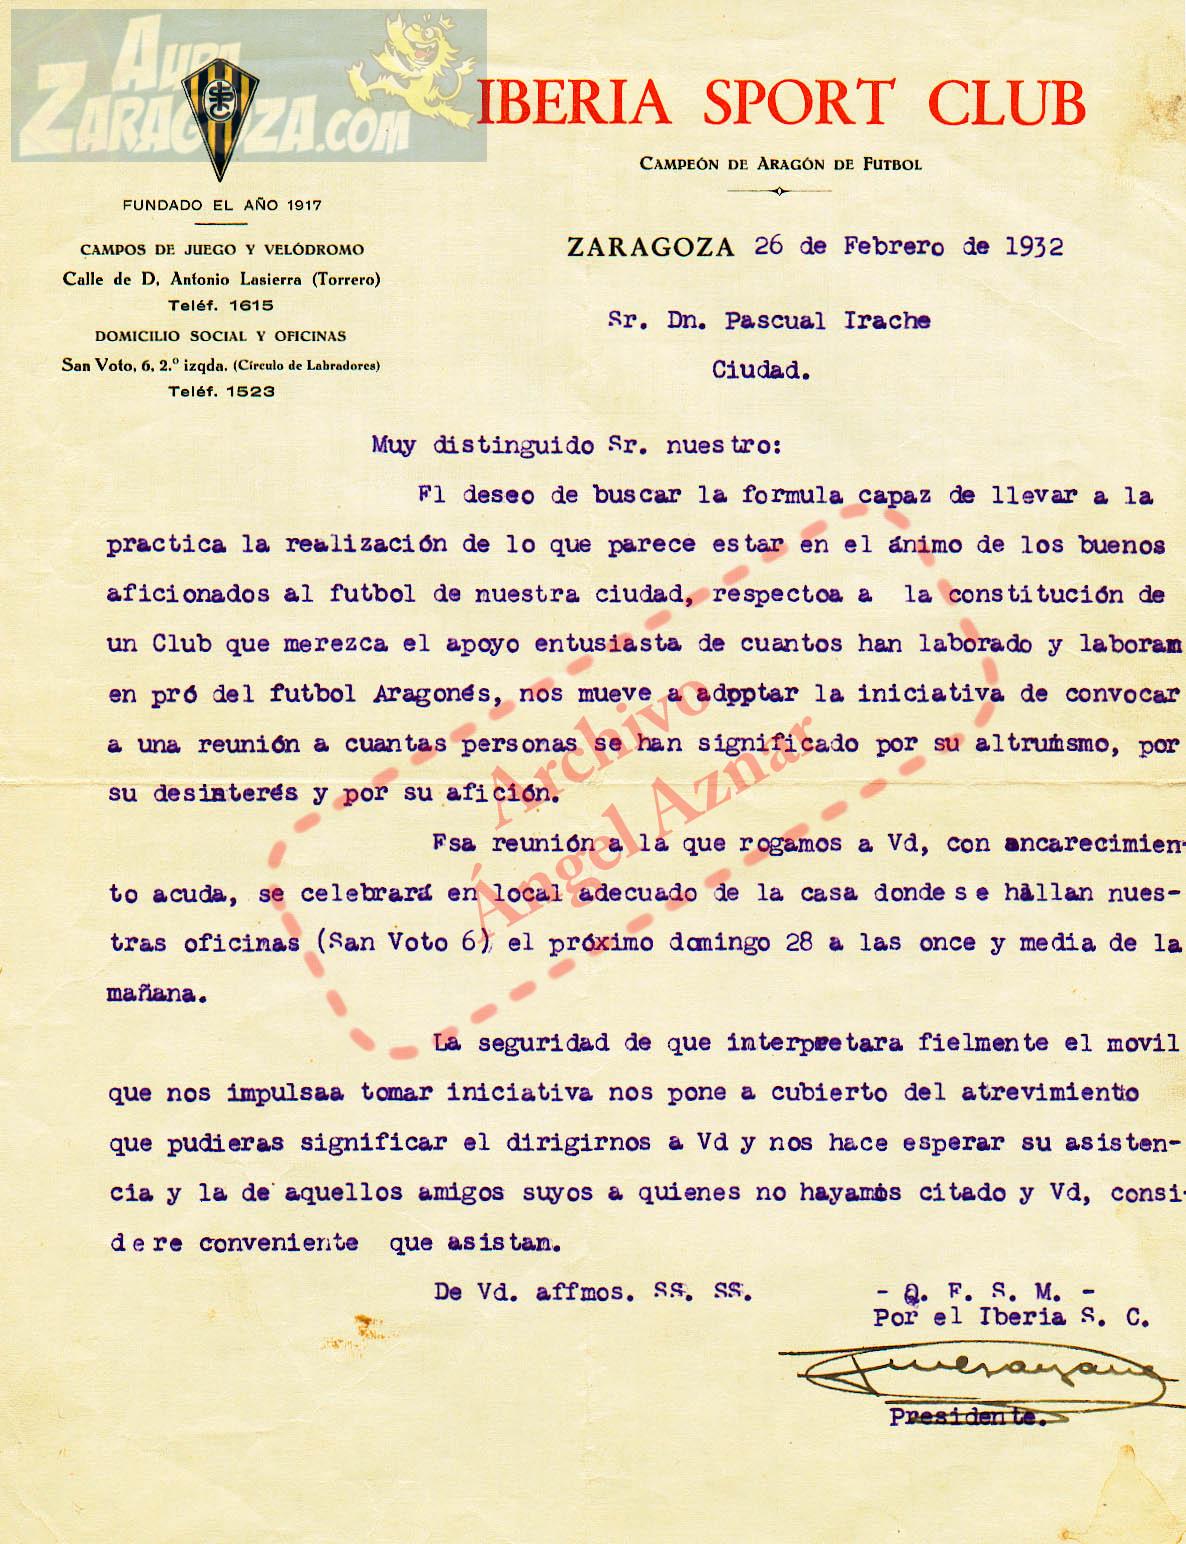 carta origen real zaragoza